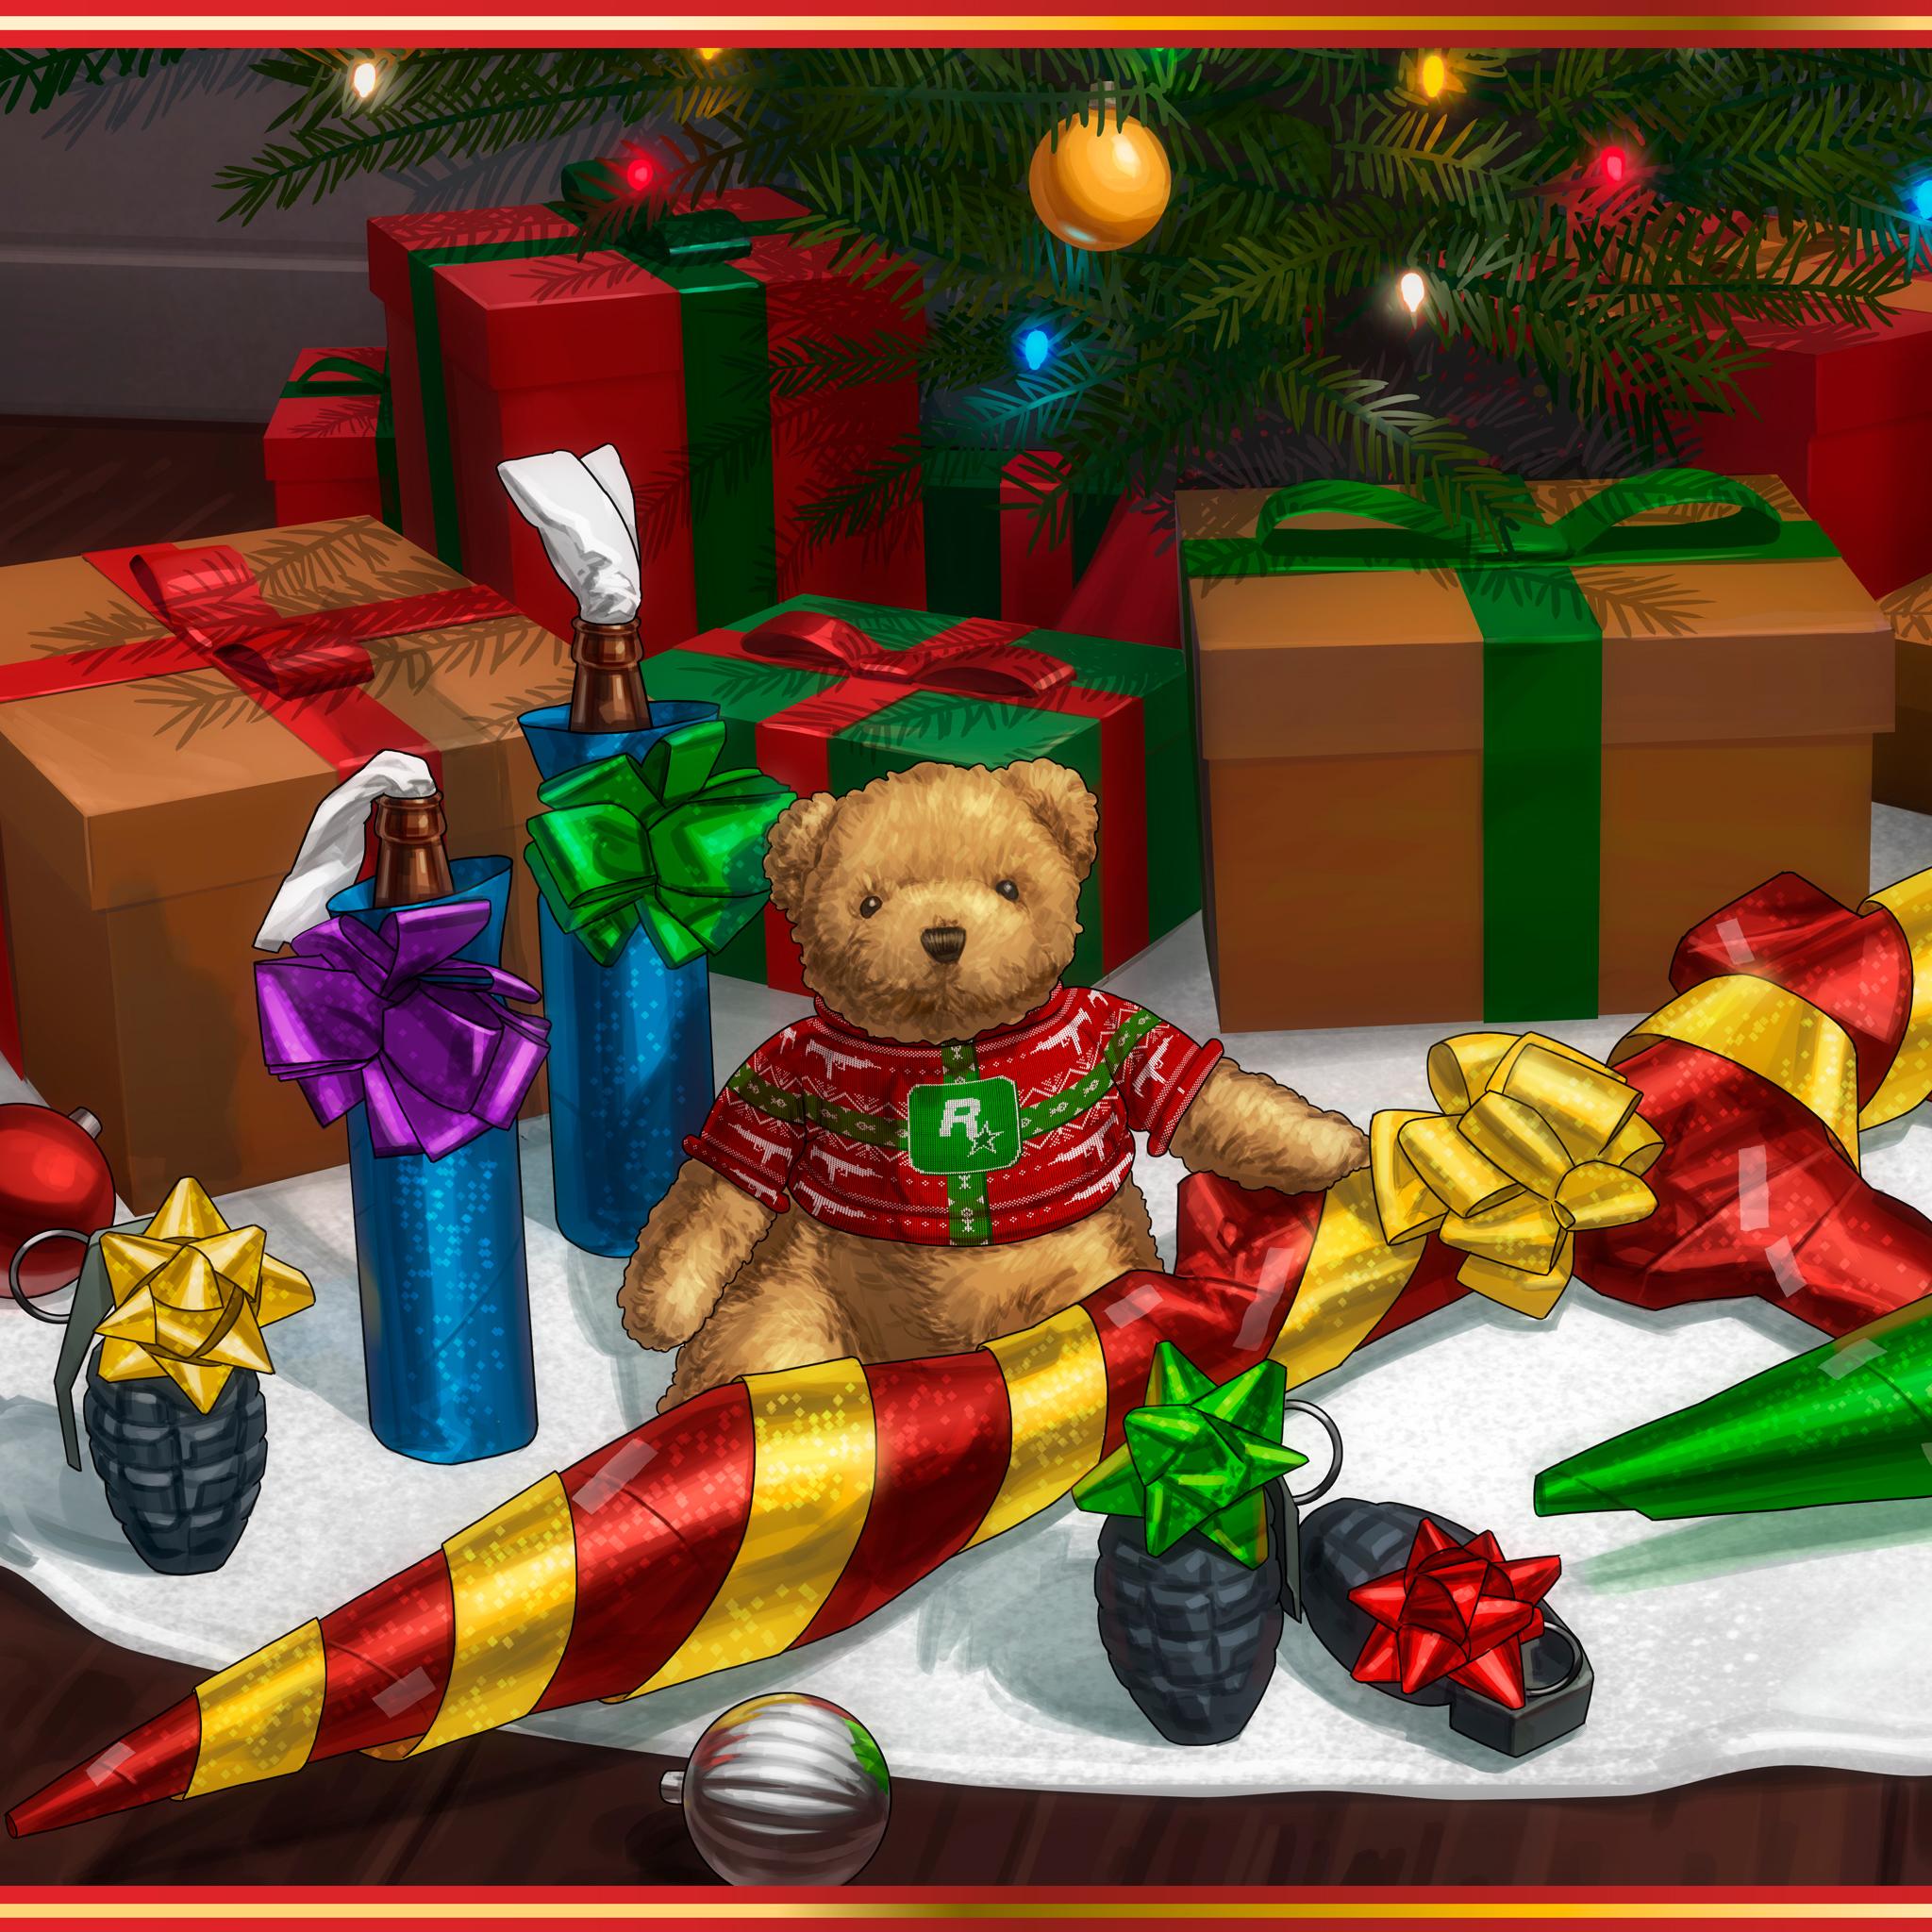 Rockstar Games christmas image